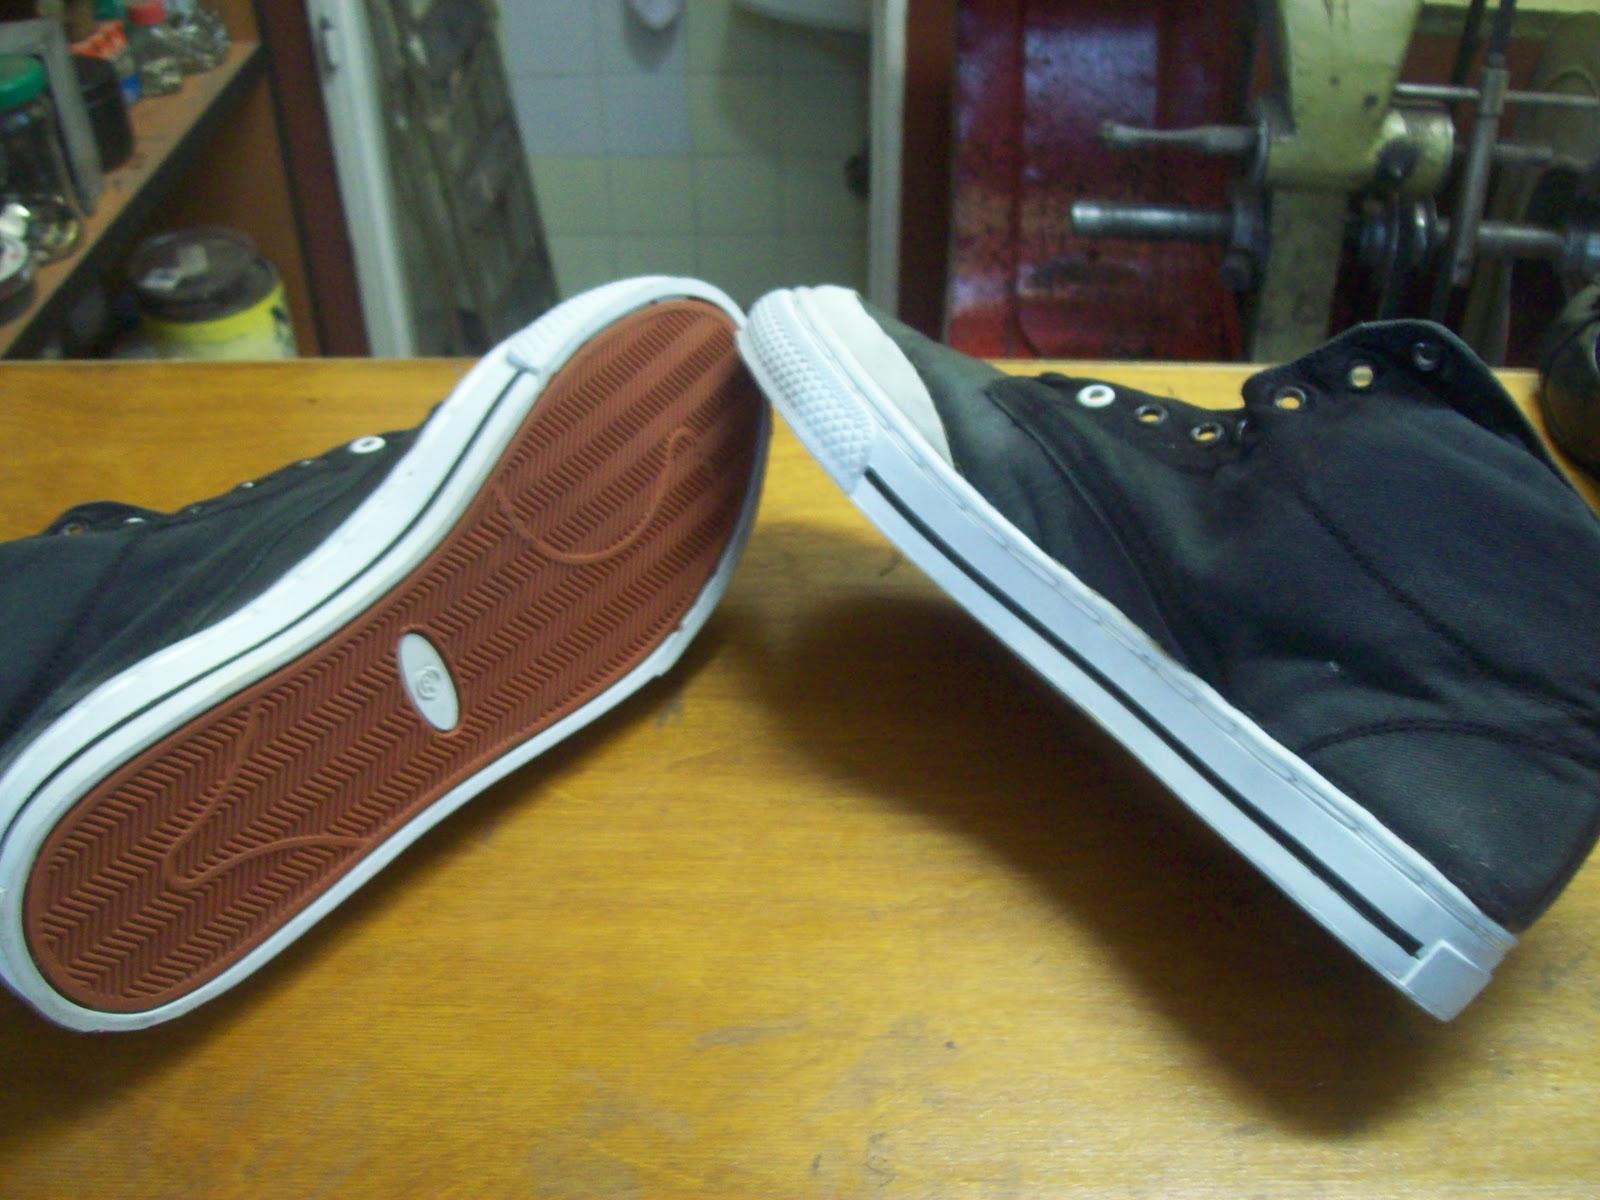 5431dff78bb04 Compre 2 APAGADO EN CUALQUIER CASO zapatillas adidas botitas hombre ...